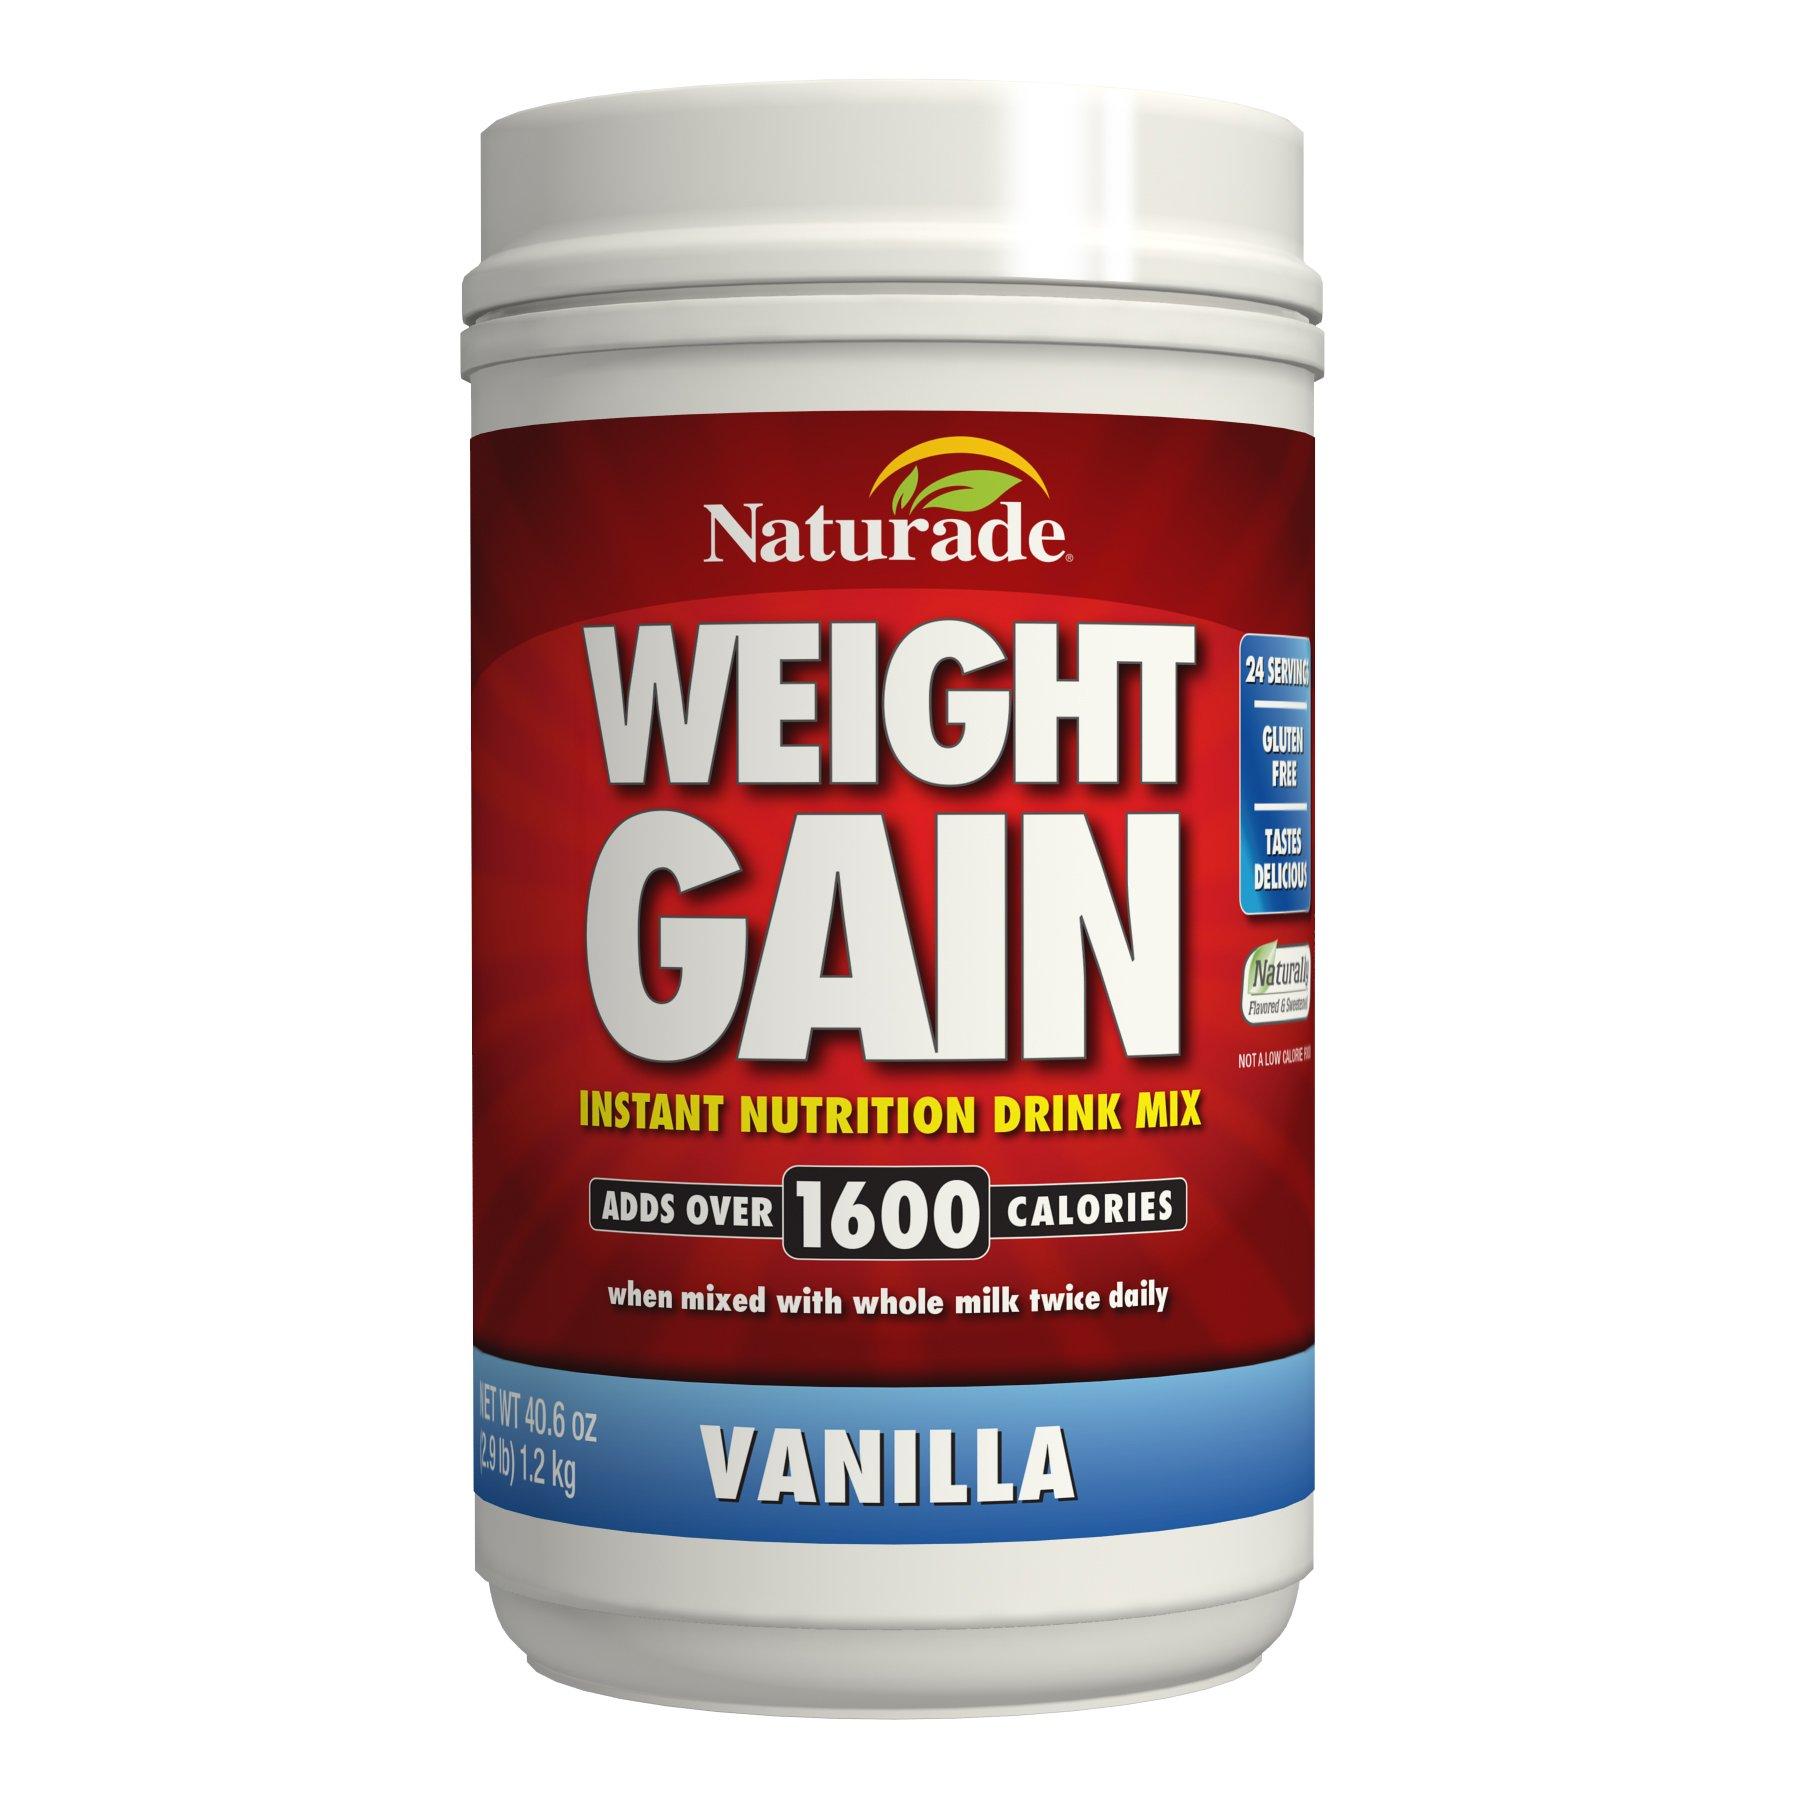 Naturade Weight Gain Vanilla – 40.6 oz